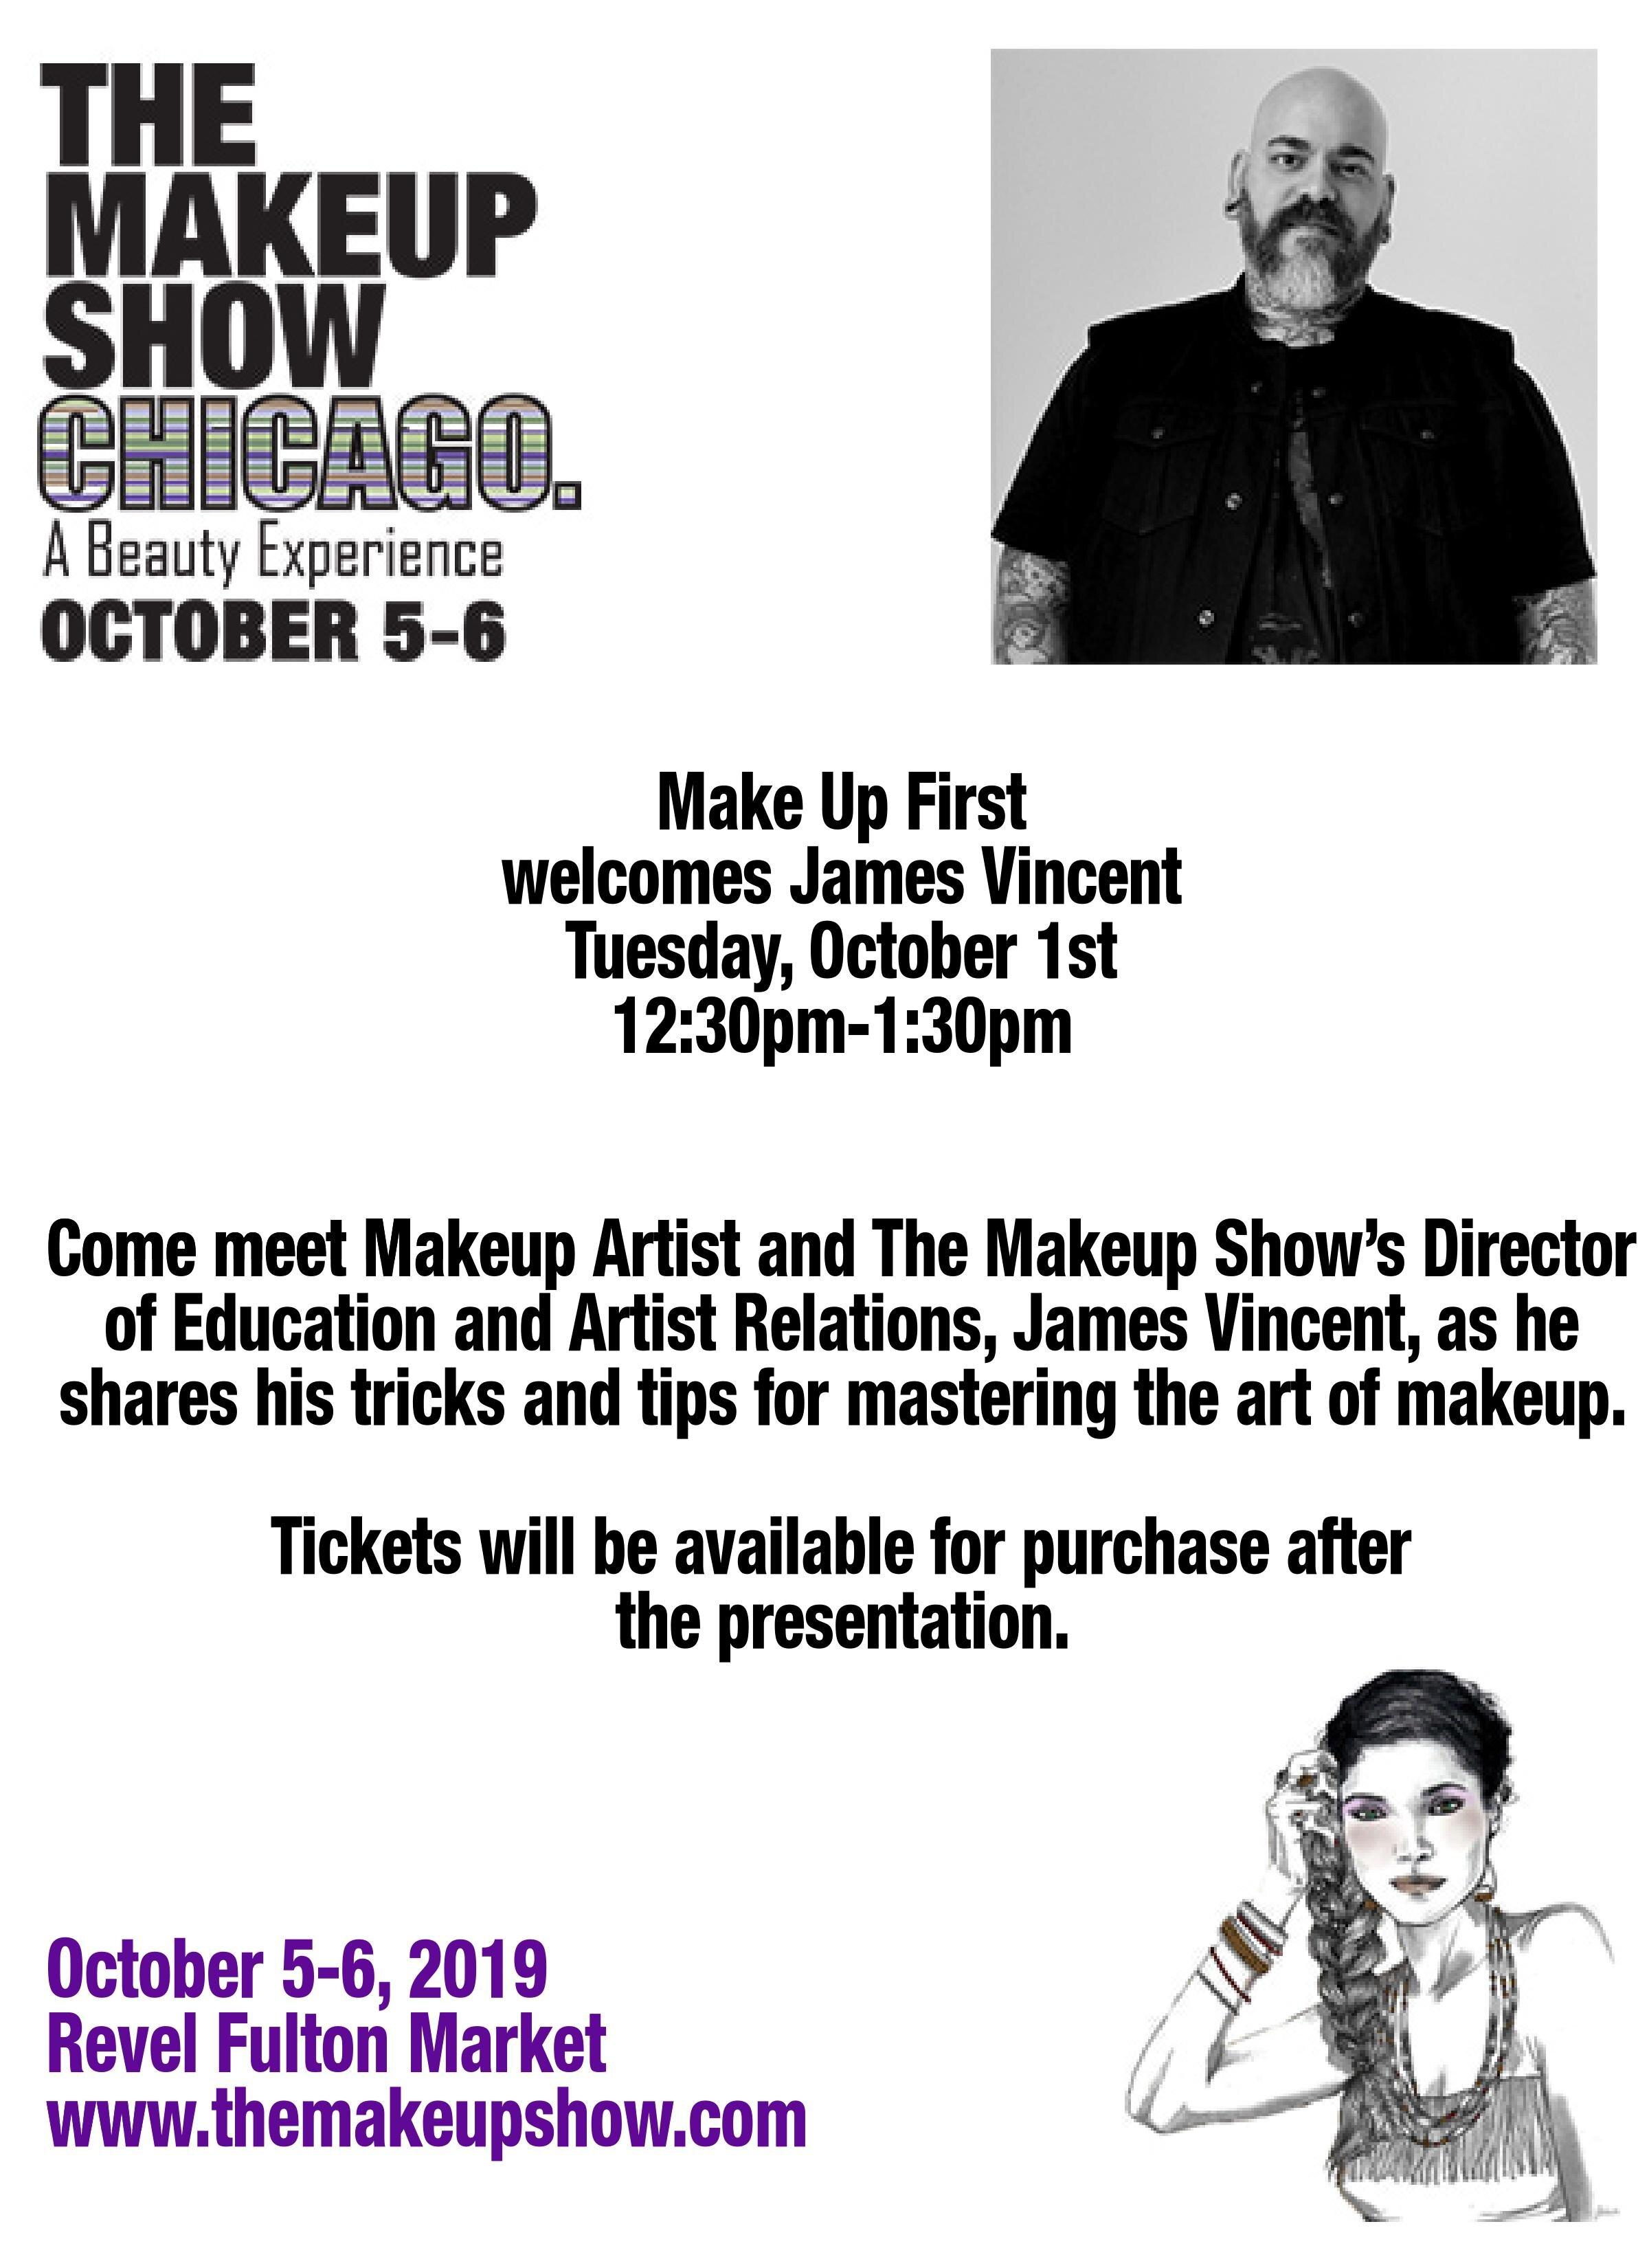 James Vincent & The Makeup Show Chicago